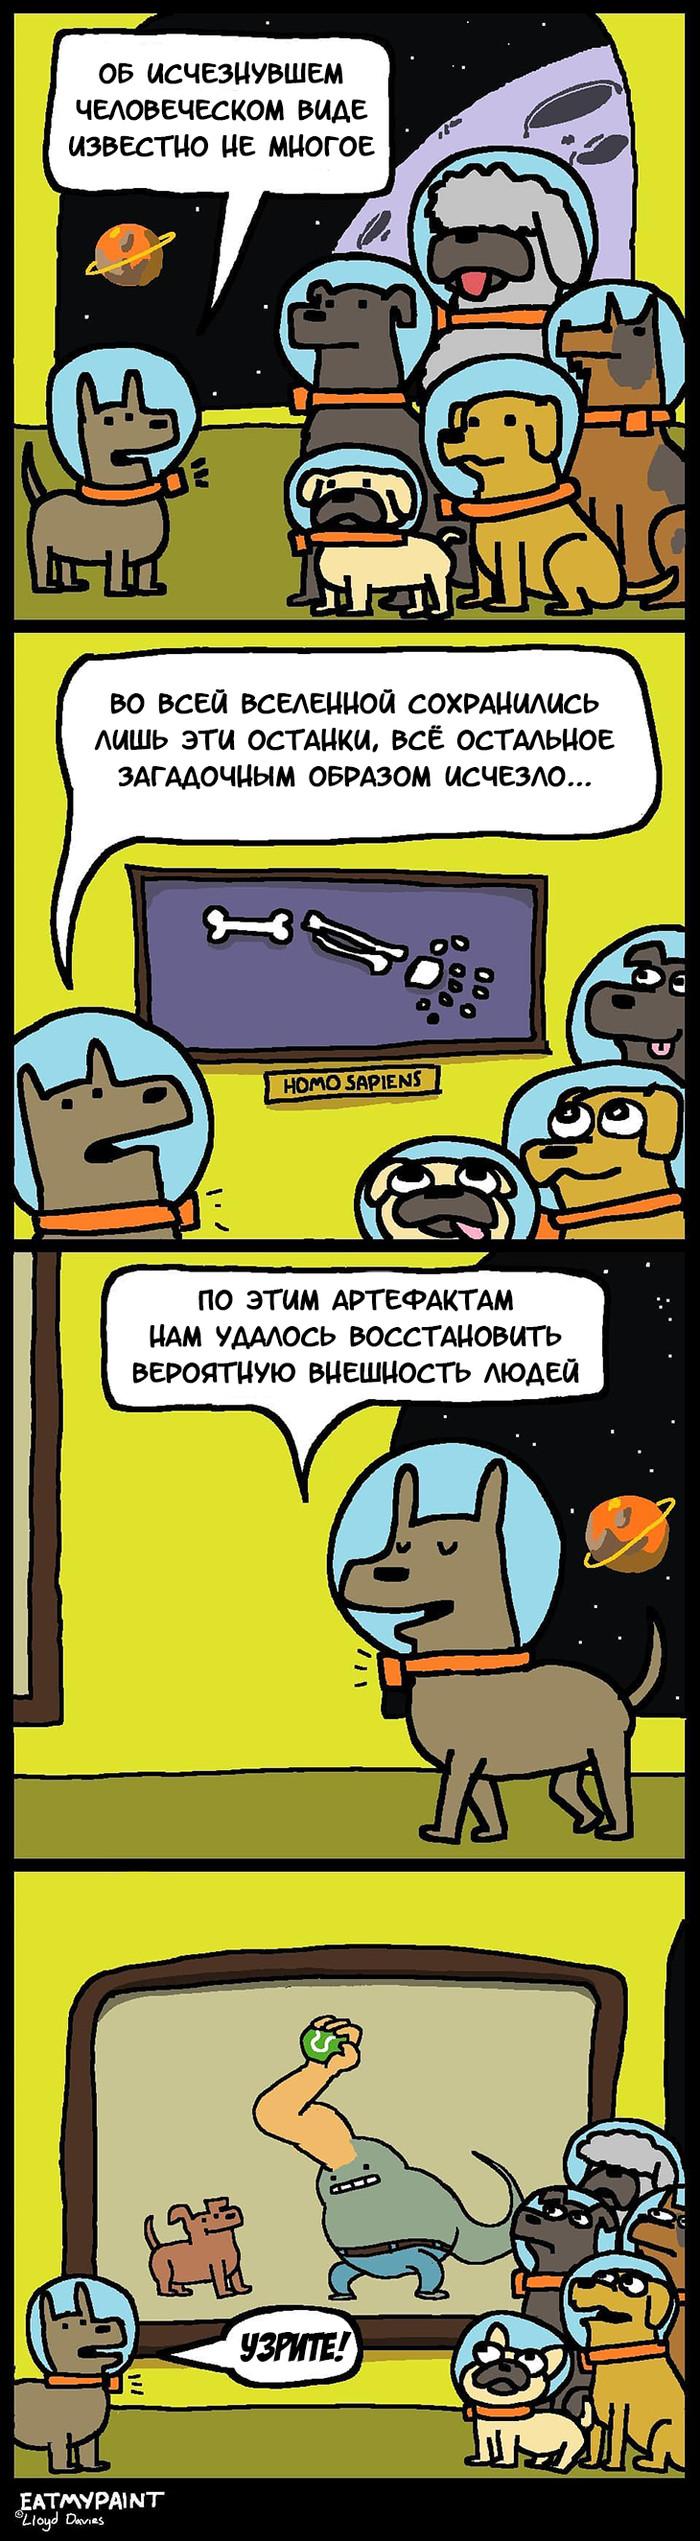 Палеонтологи Комиксы, Перевод, Eatmypaint, Длиннопост